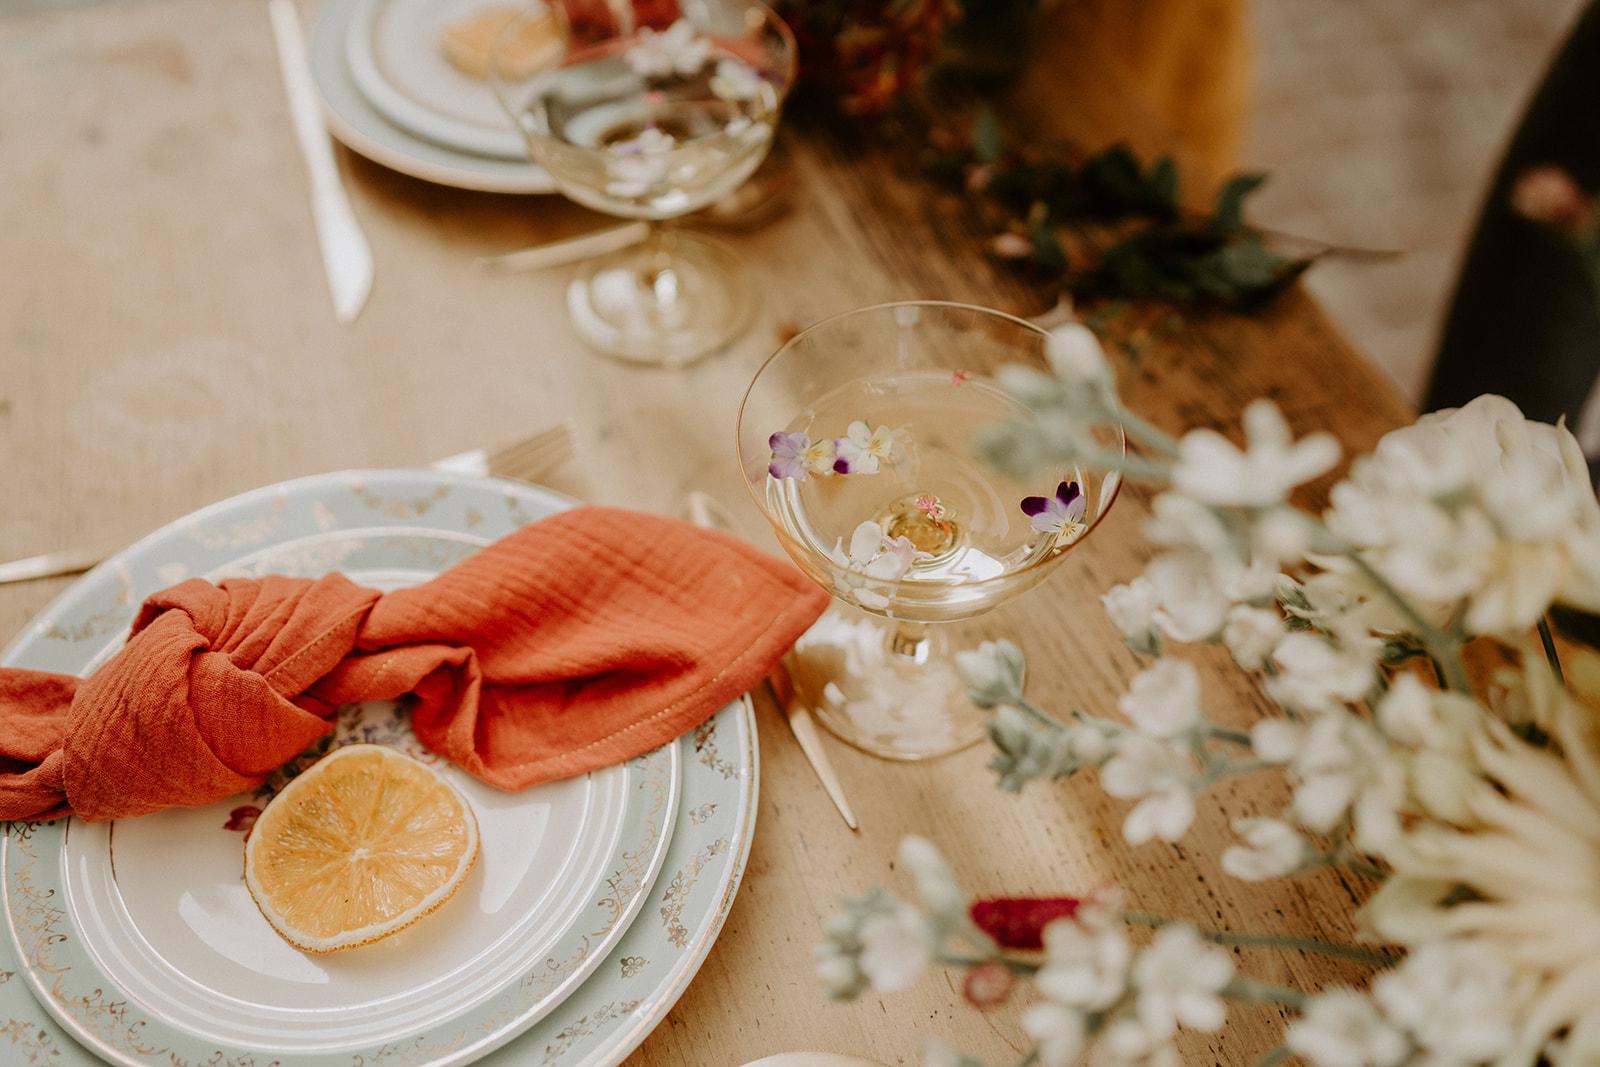 details vaiselle table des invites mariage dolce vita